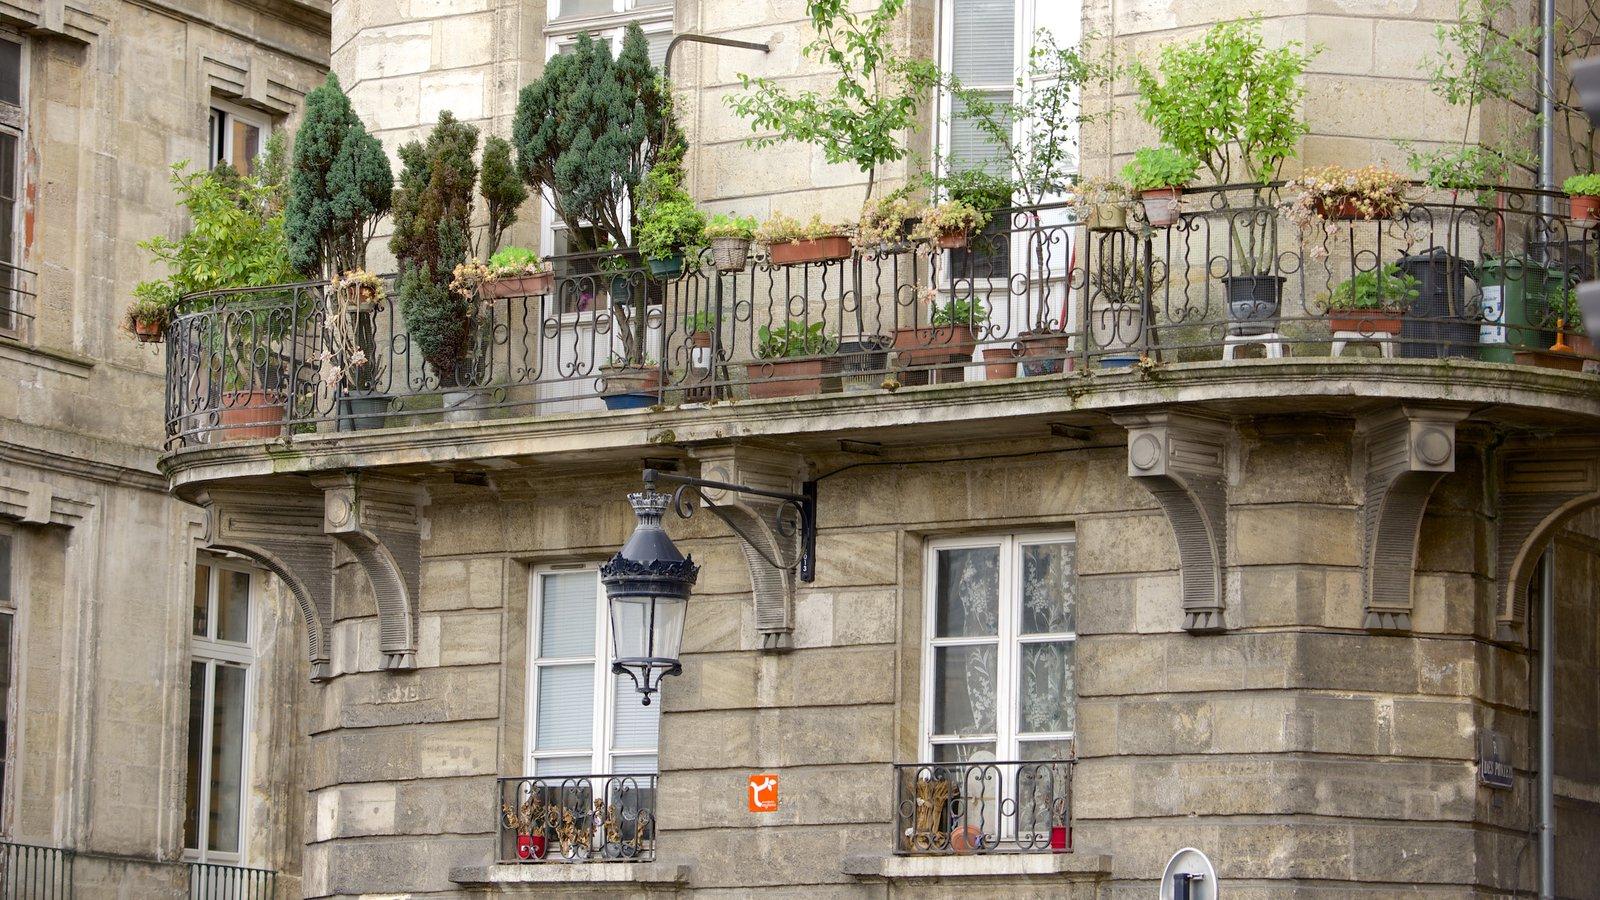 Bordeaux showing heritage elements